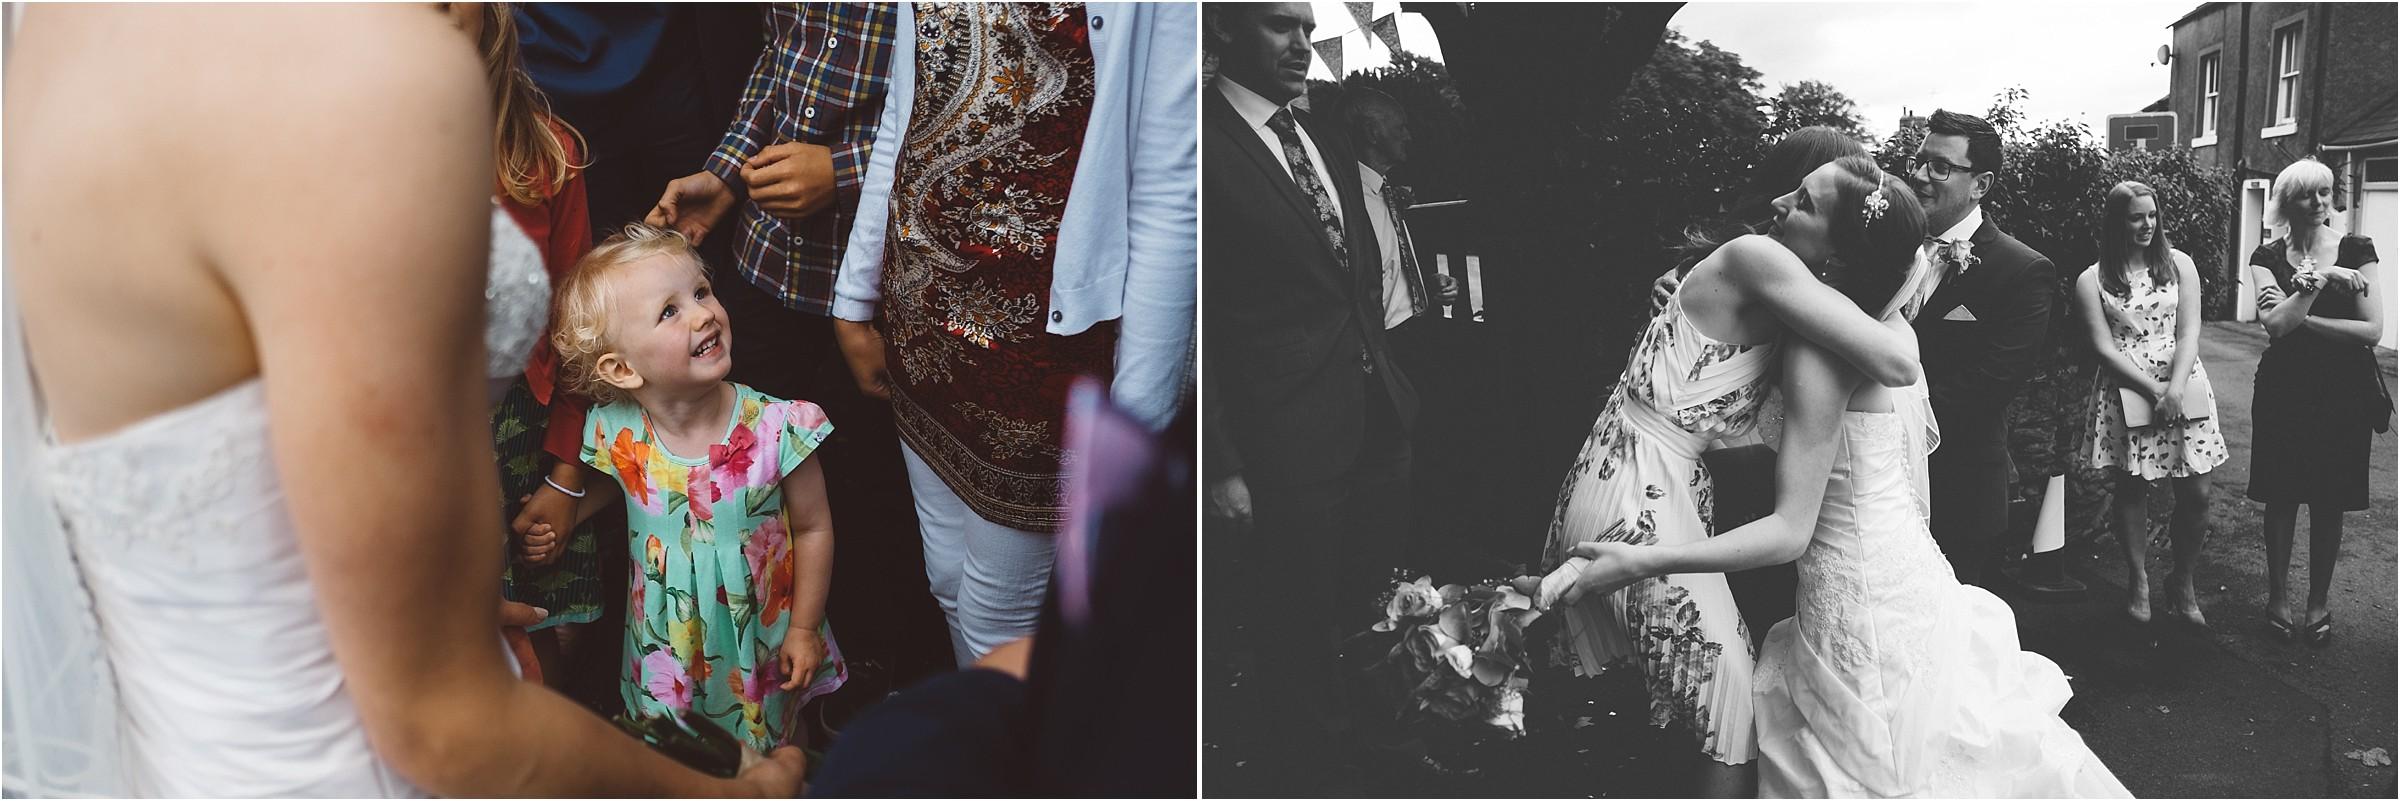 116 tipi wedding E2010929